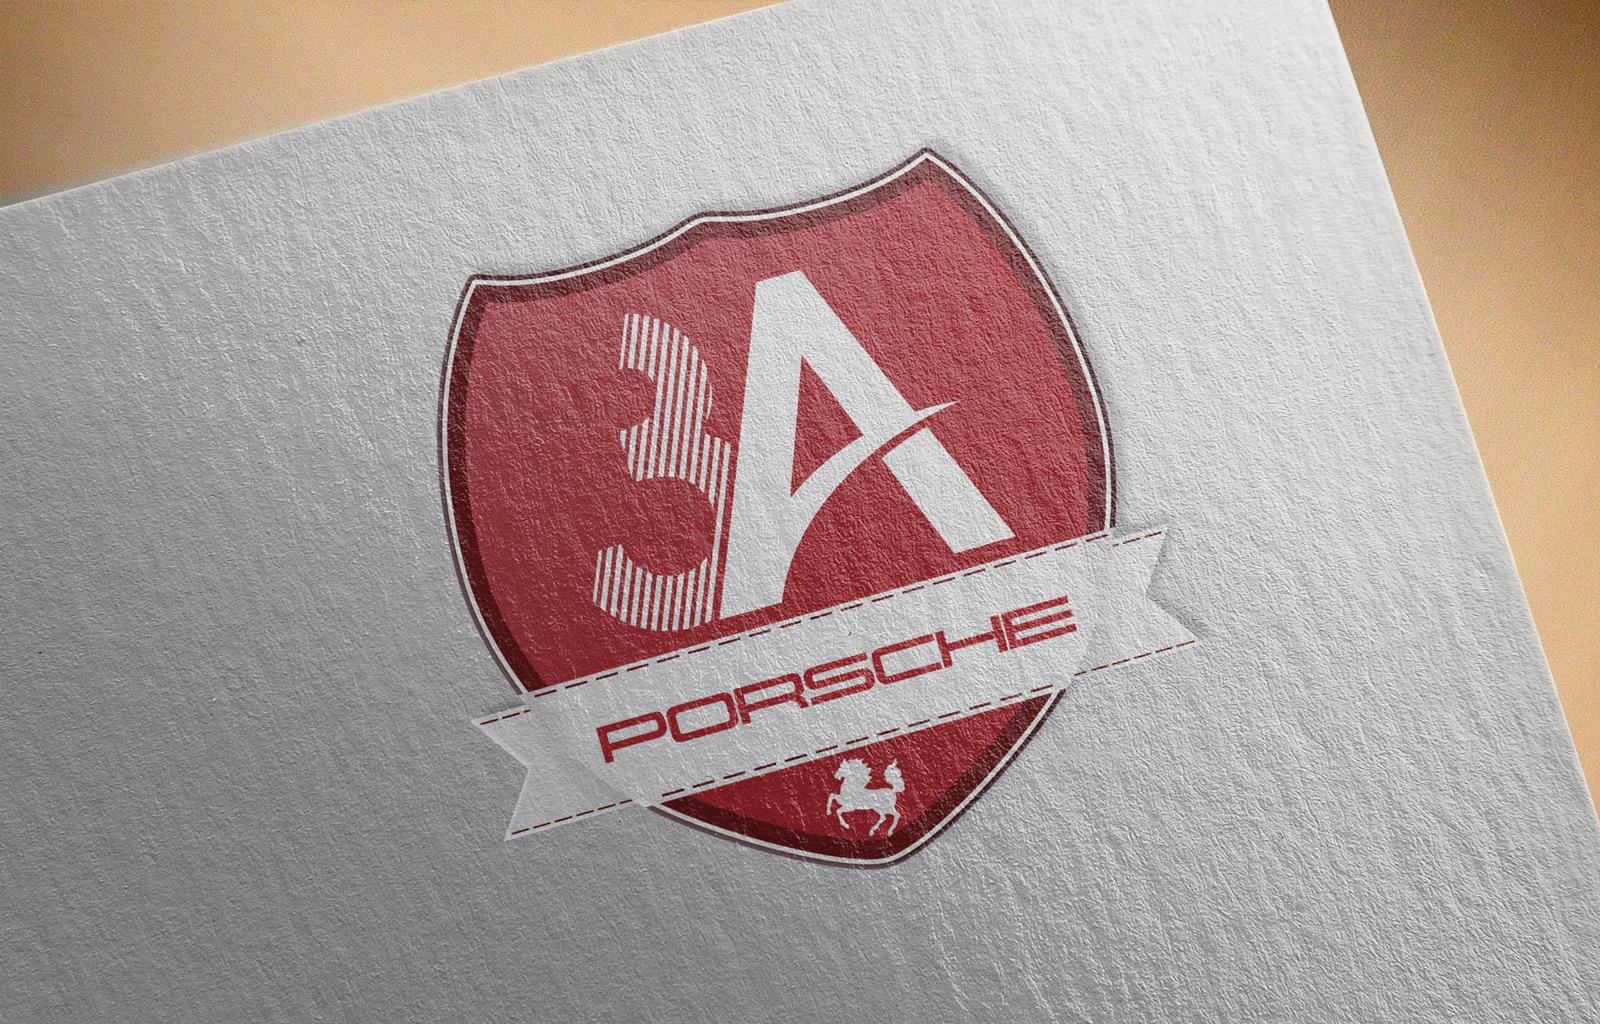 3A Posche logo tasarim sunum